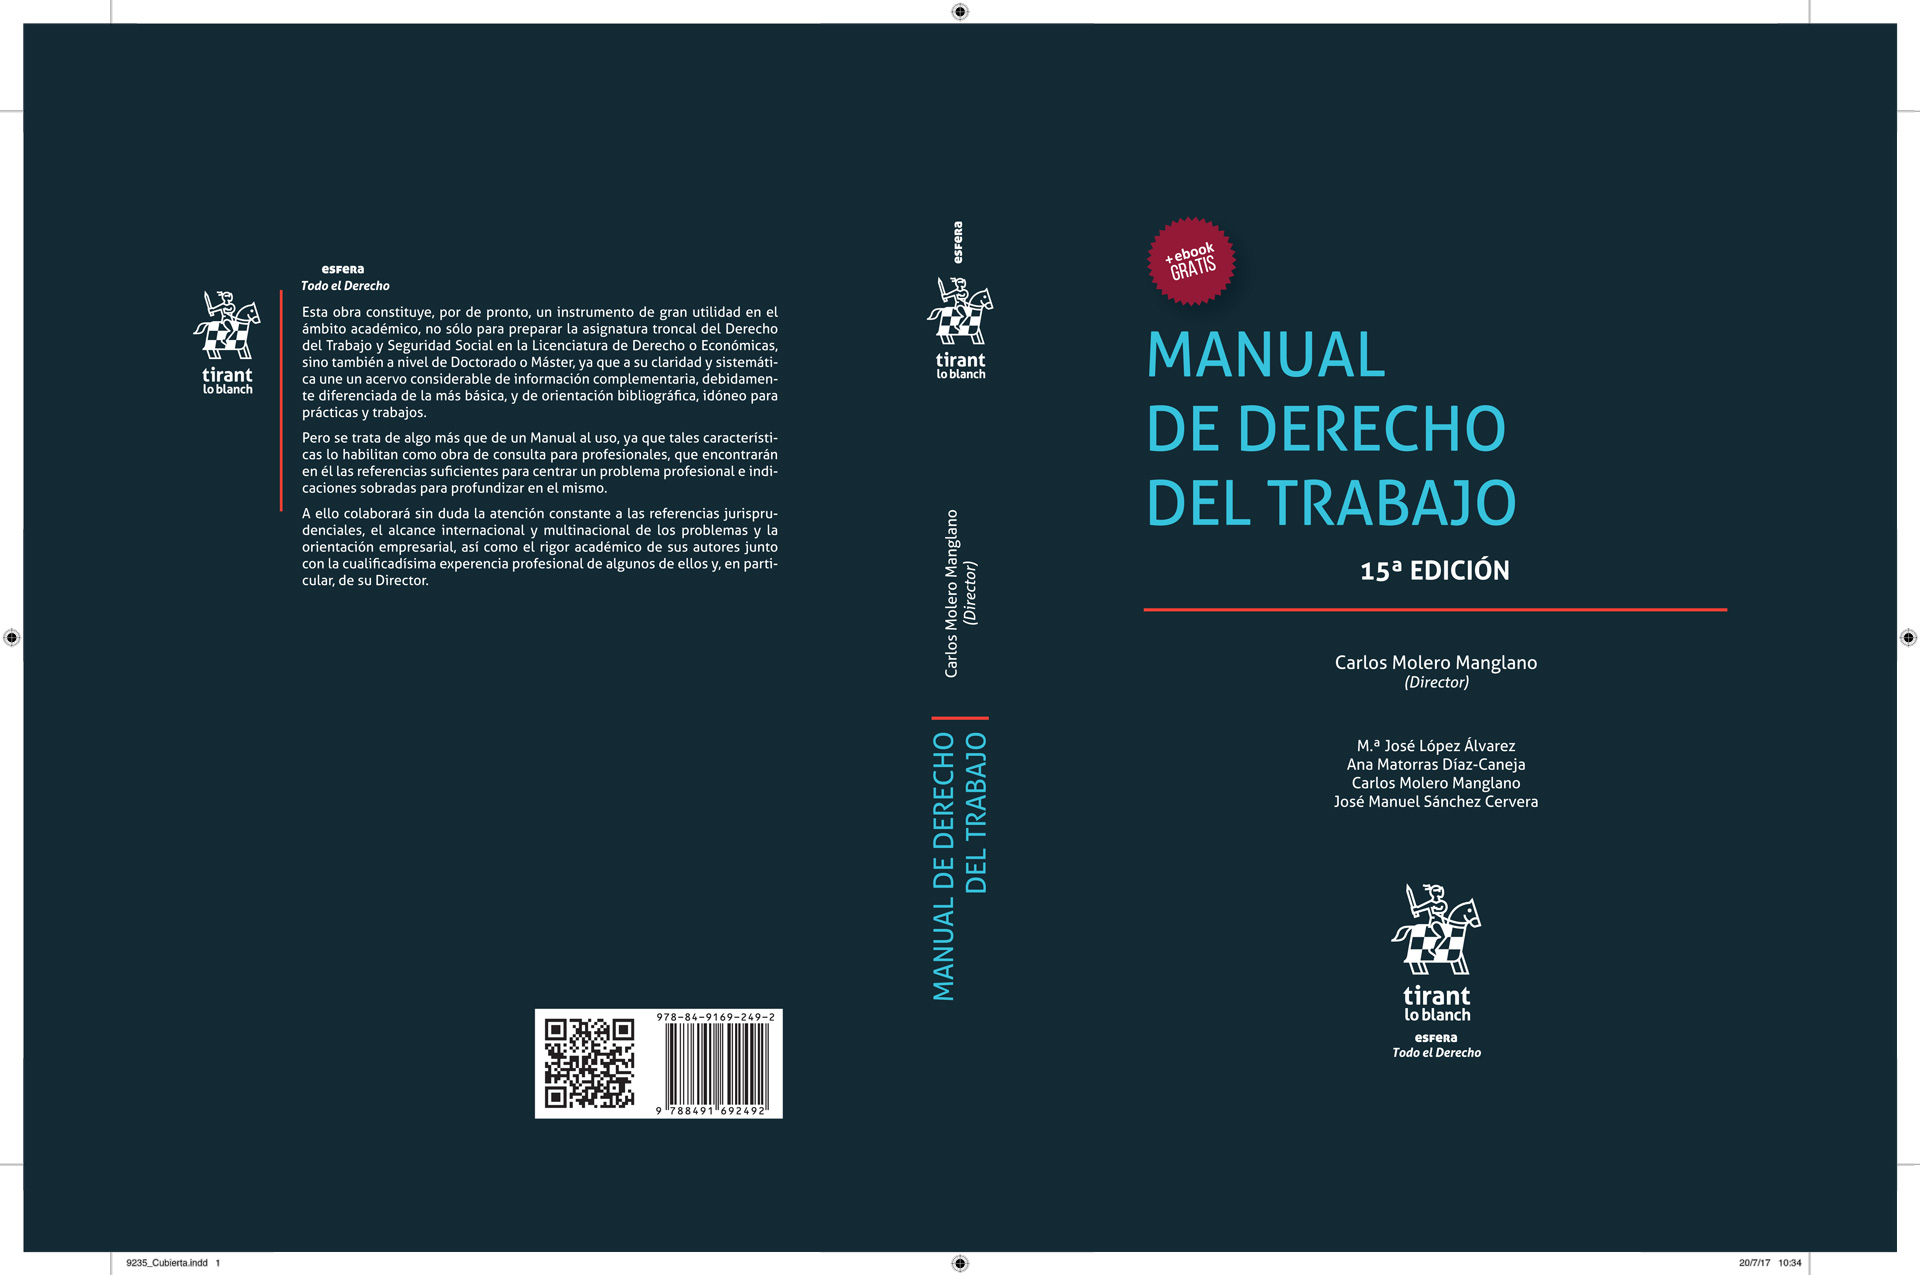 15ª Edición - Manual de Derecho del Trabajo